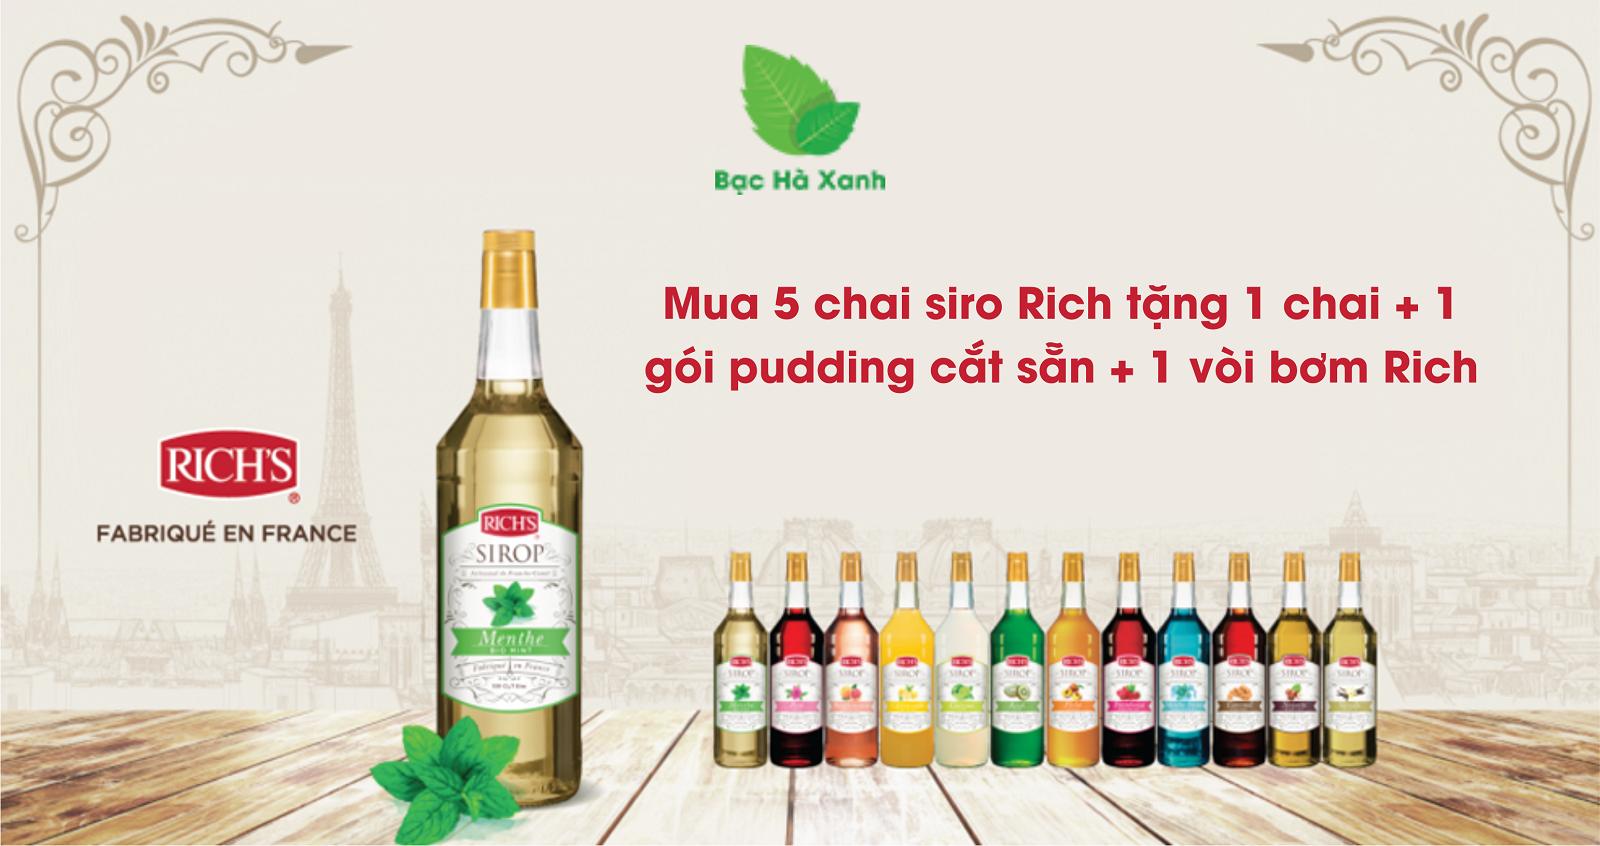 Khuyến mãi khi Mua 5 chai siro Rich tặng 1 chai + 1 gói pudding cắt sẵn + 1 vòi bơm Rich